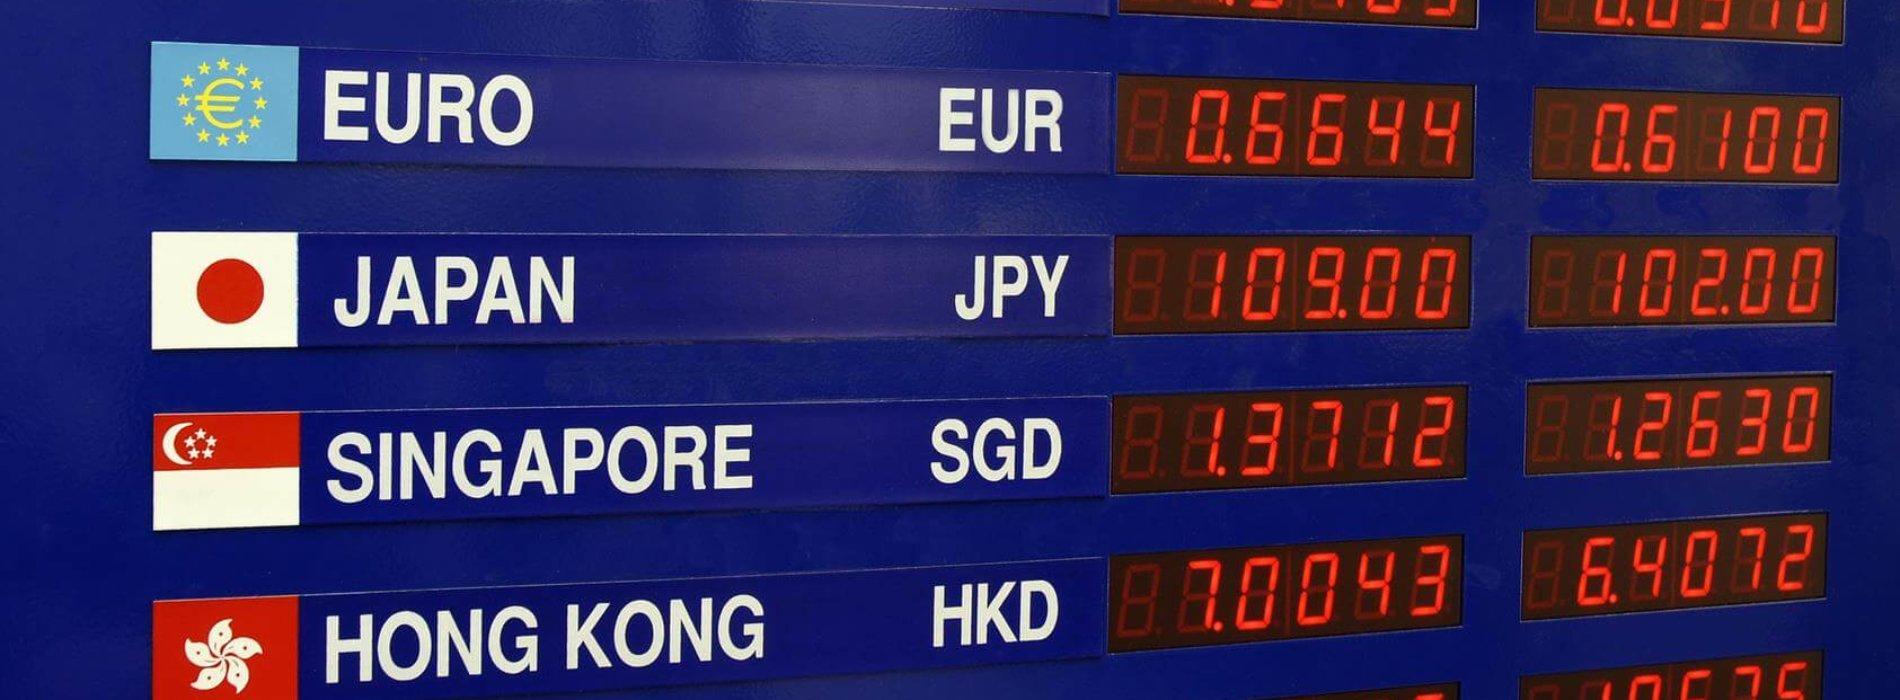 Kantor stacjonarny czy internetowy? Sprawdź kurs walut przed zakupem